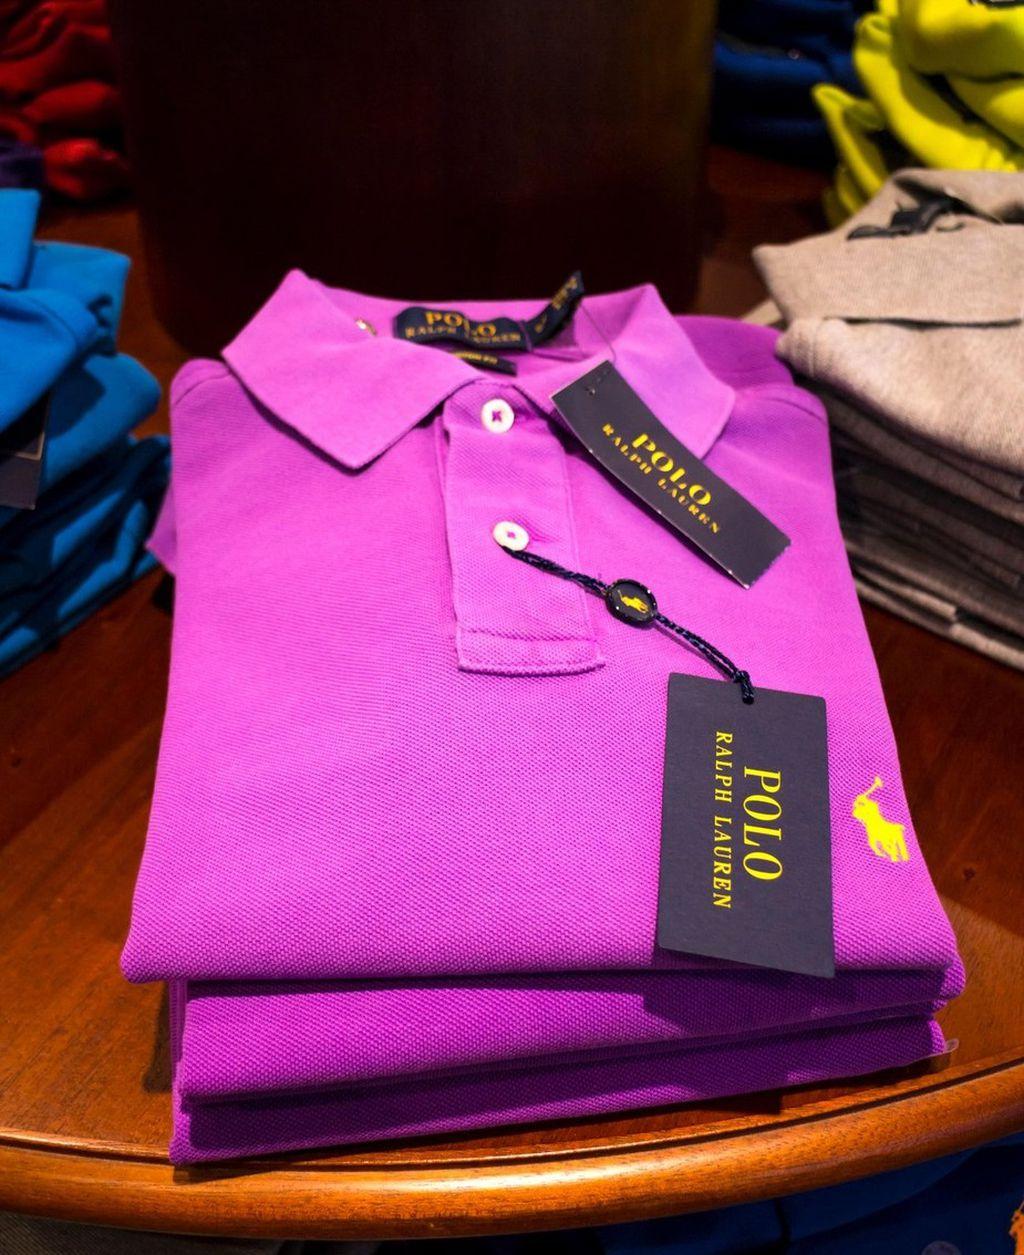 Polo majice dostupne su u velikoj ponudi boja